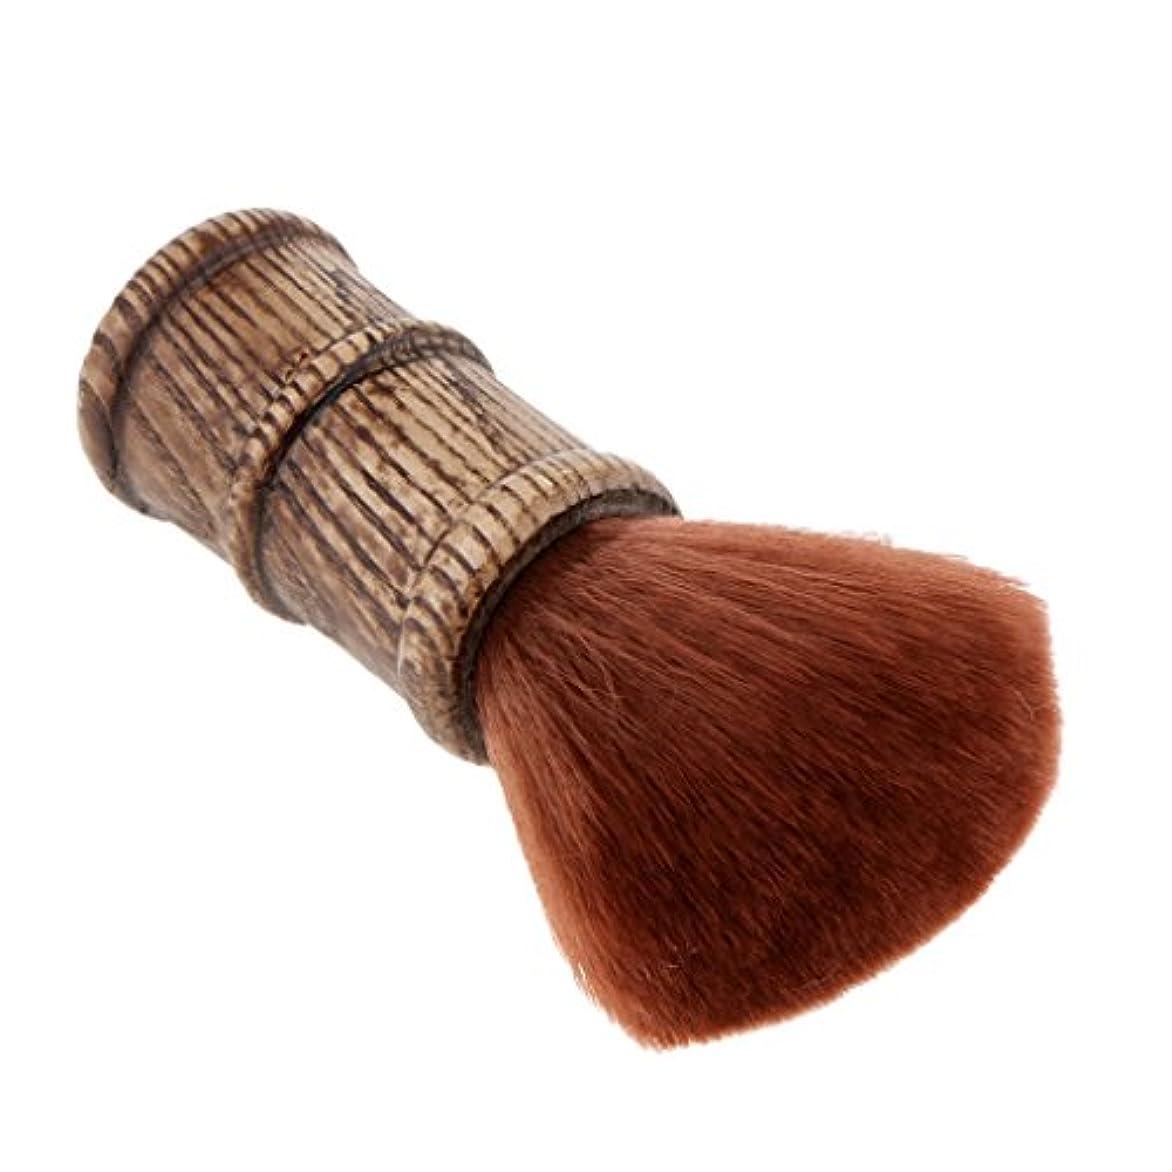 警官お尻サルベージToygogo 理髪 ネック ダスターブラシ クリーニング ヘアブラシ ヘアスイープブラシ サロンツール 2色選べる - 褐色